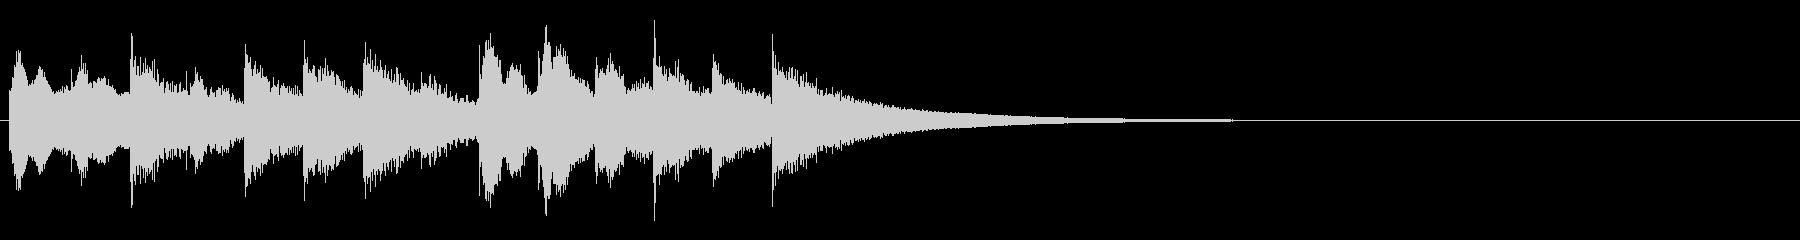 スモールブラスディナーゴング:いく...の未再生の波形